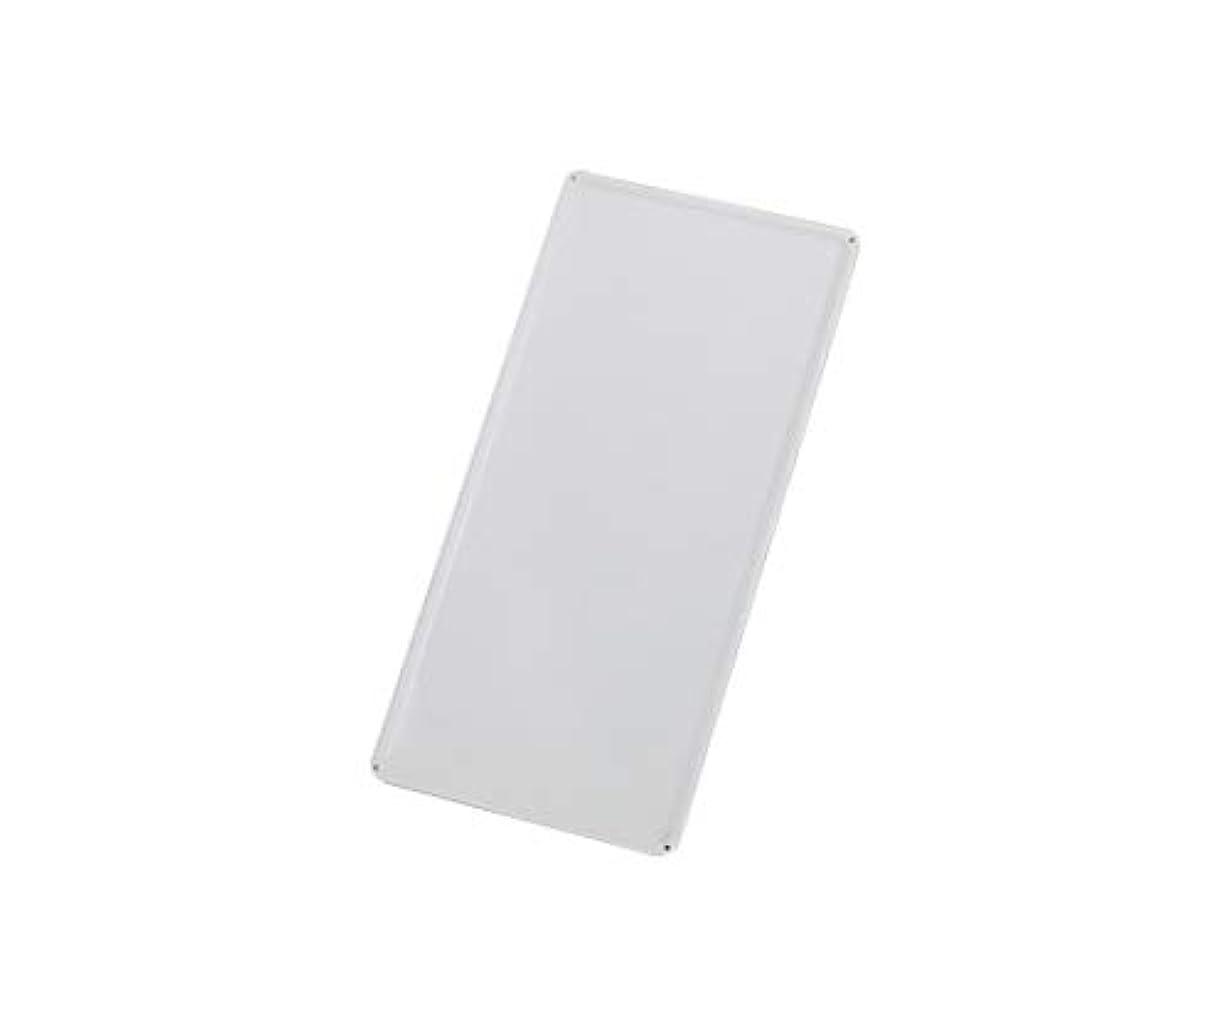 キャンパスマイクロプロセッサ隠されたスチール無地板 山型 白 スチール-36/61-3394-76